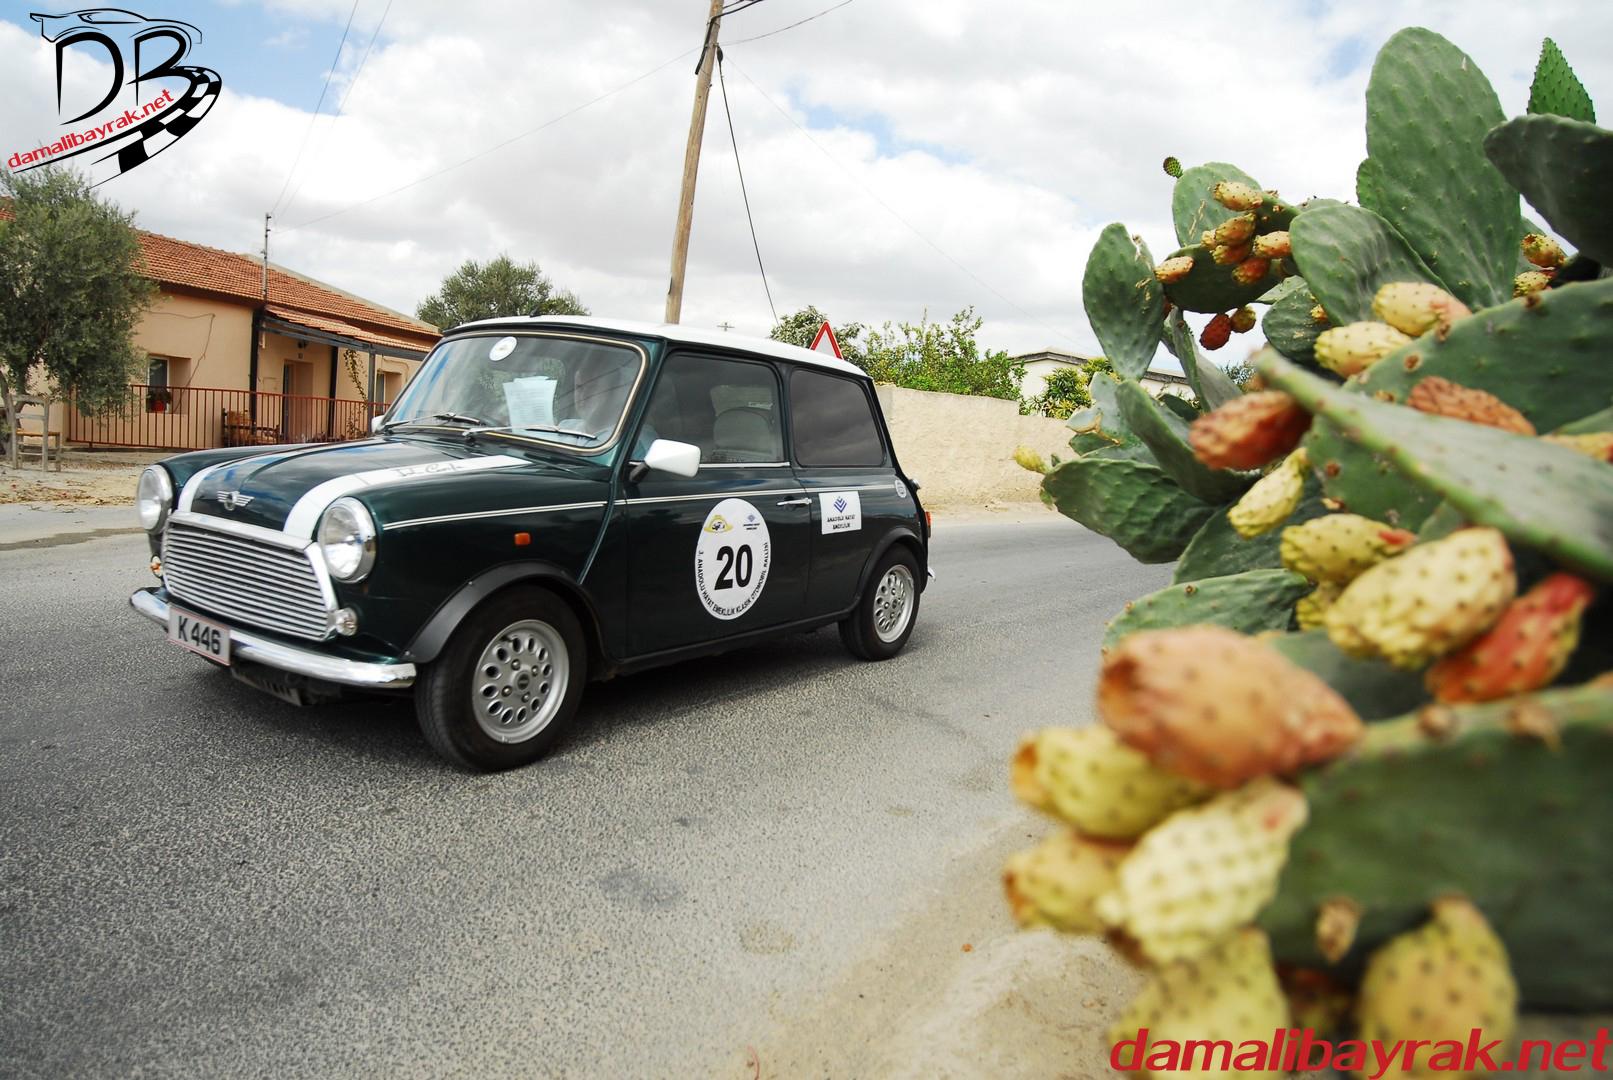 Photo of Anadolu Hayat Emeklilik Klasik Otomobil Rallisi Fotoğrafları – 6 Ekim 2013 – Uğur Kaptanoğlu